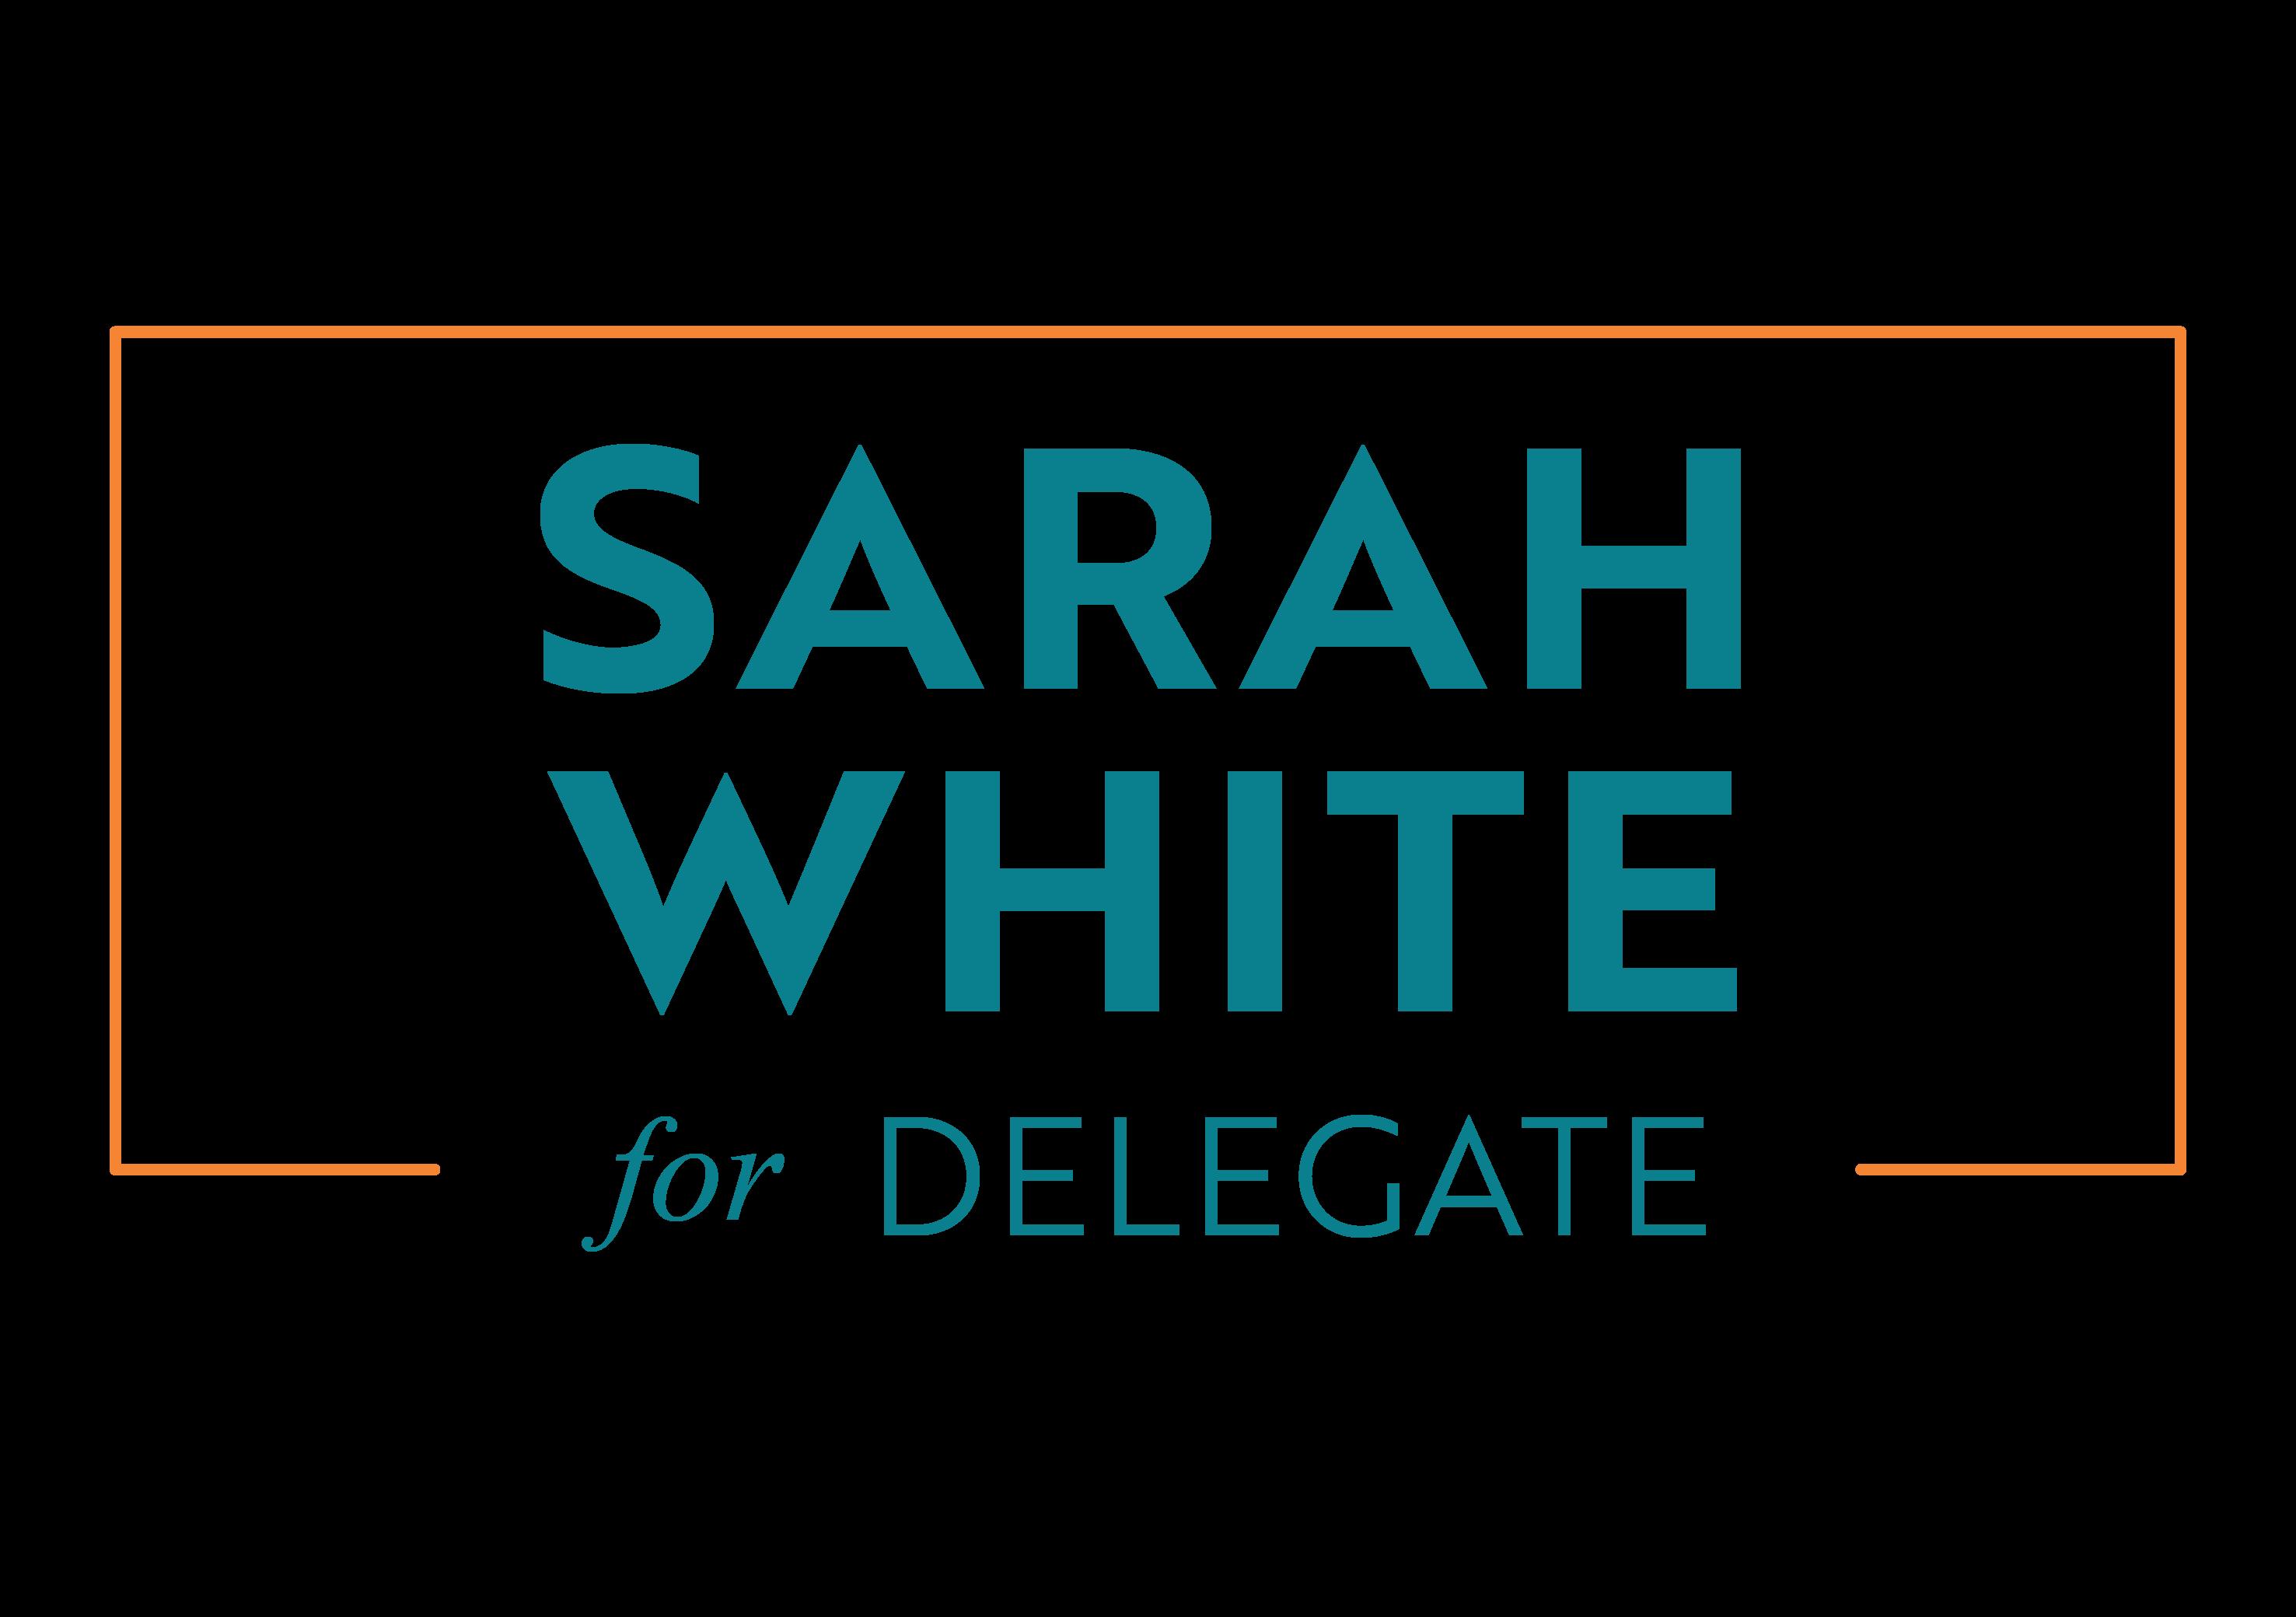 Sarah White for Delegate